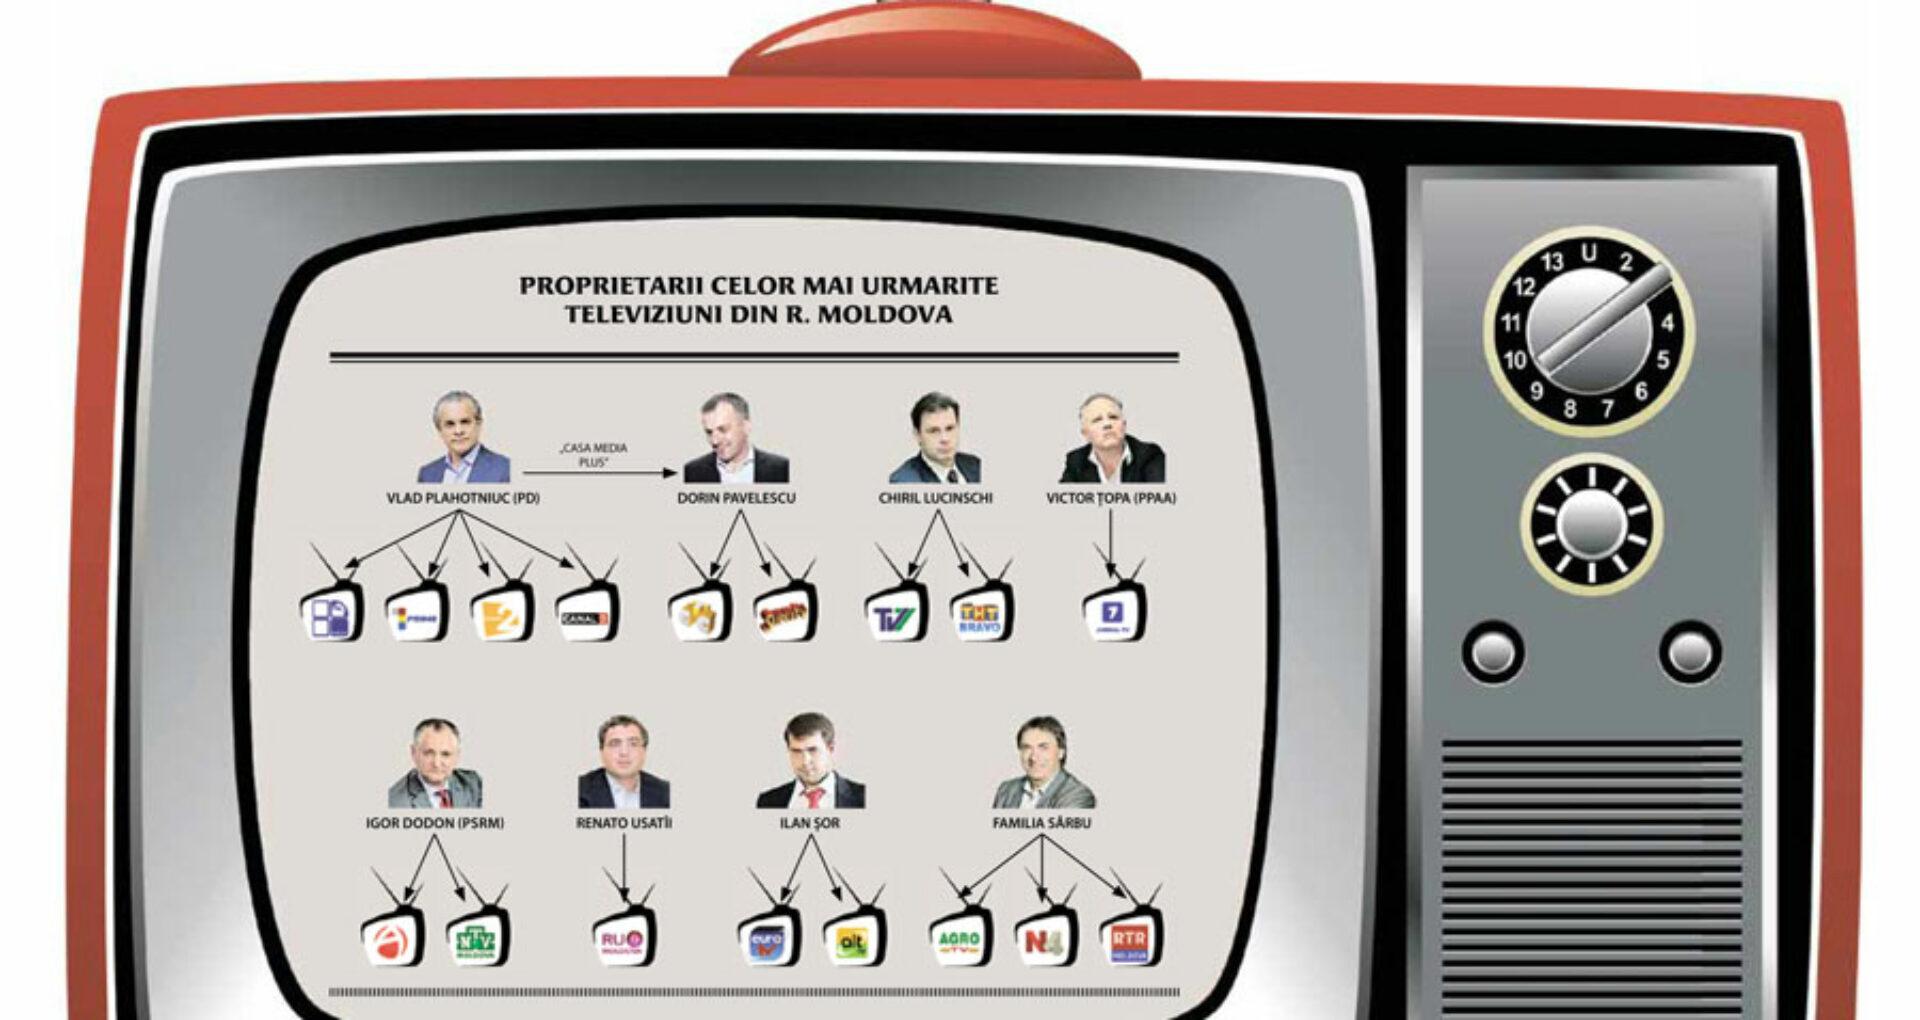 Beneficiarii  televiziunilor